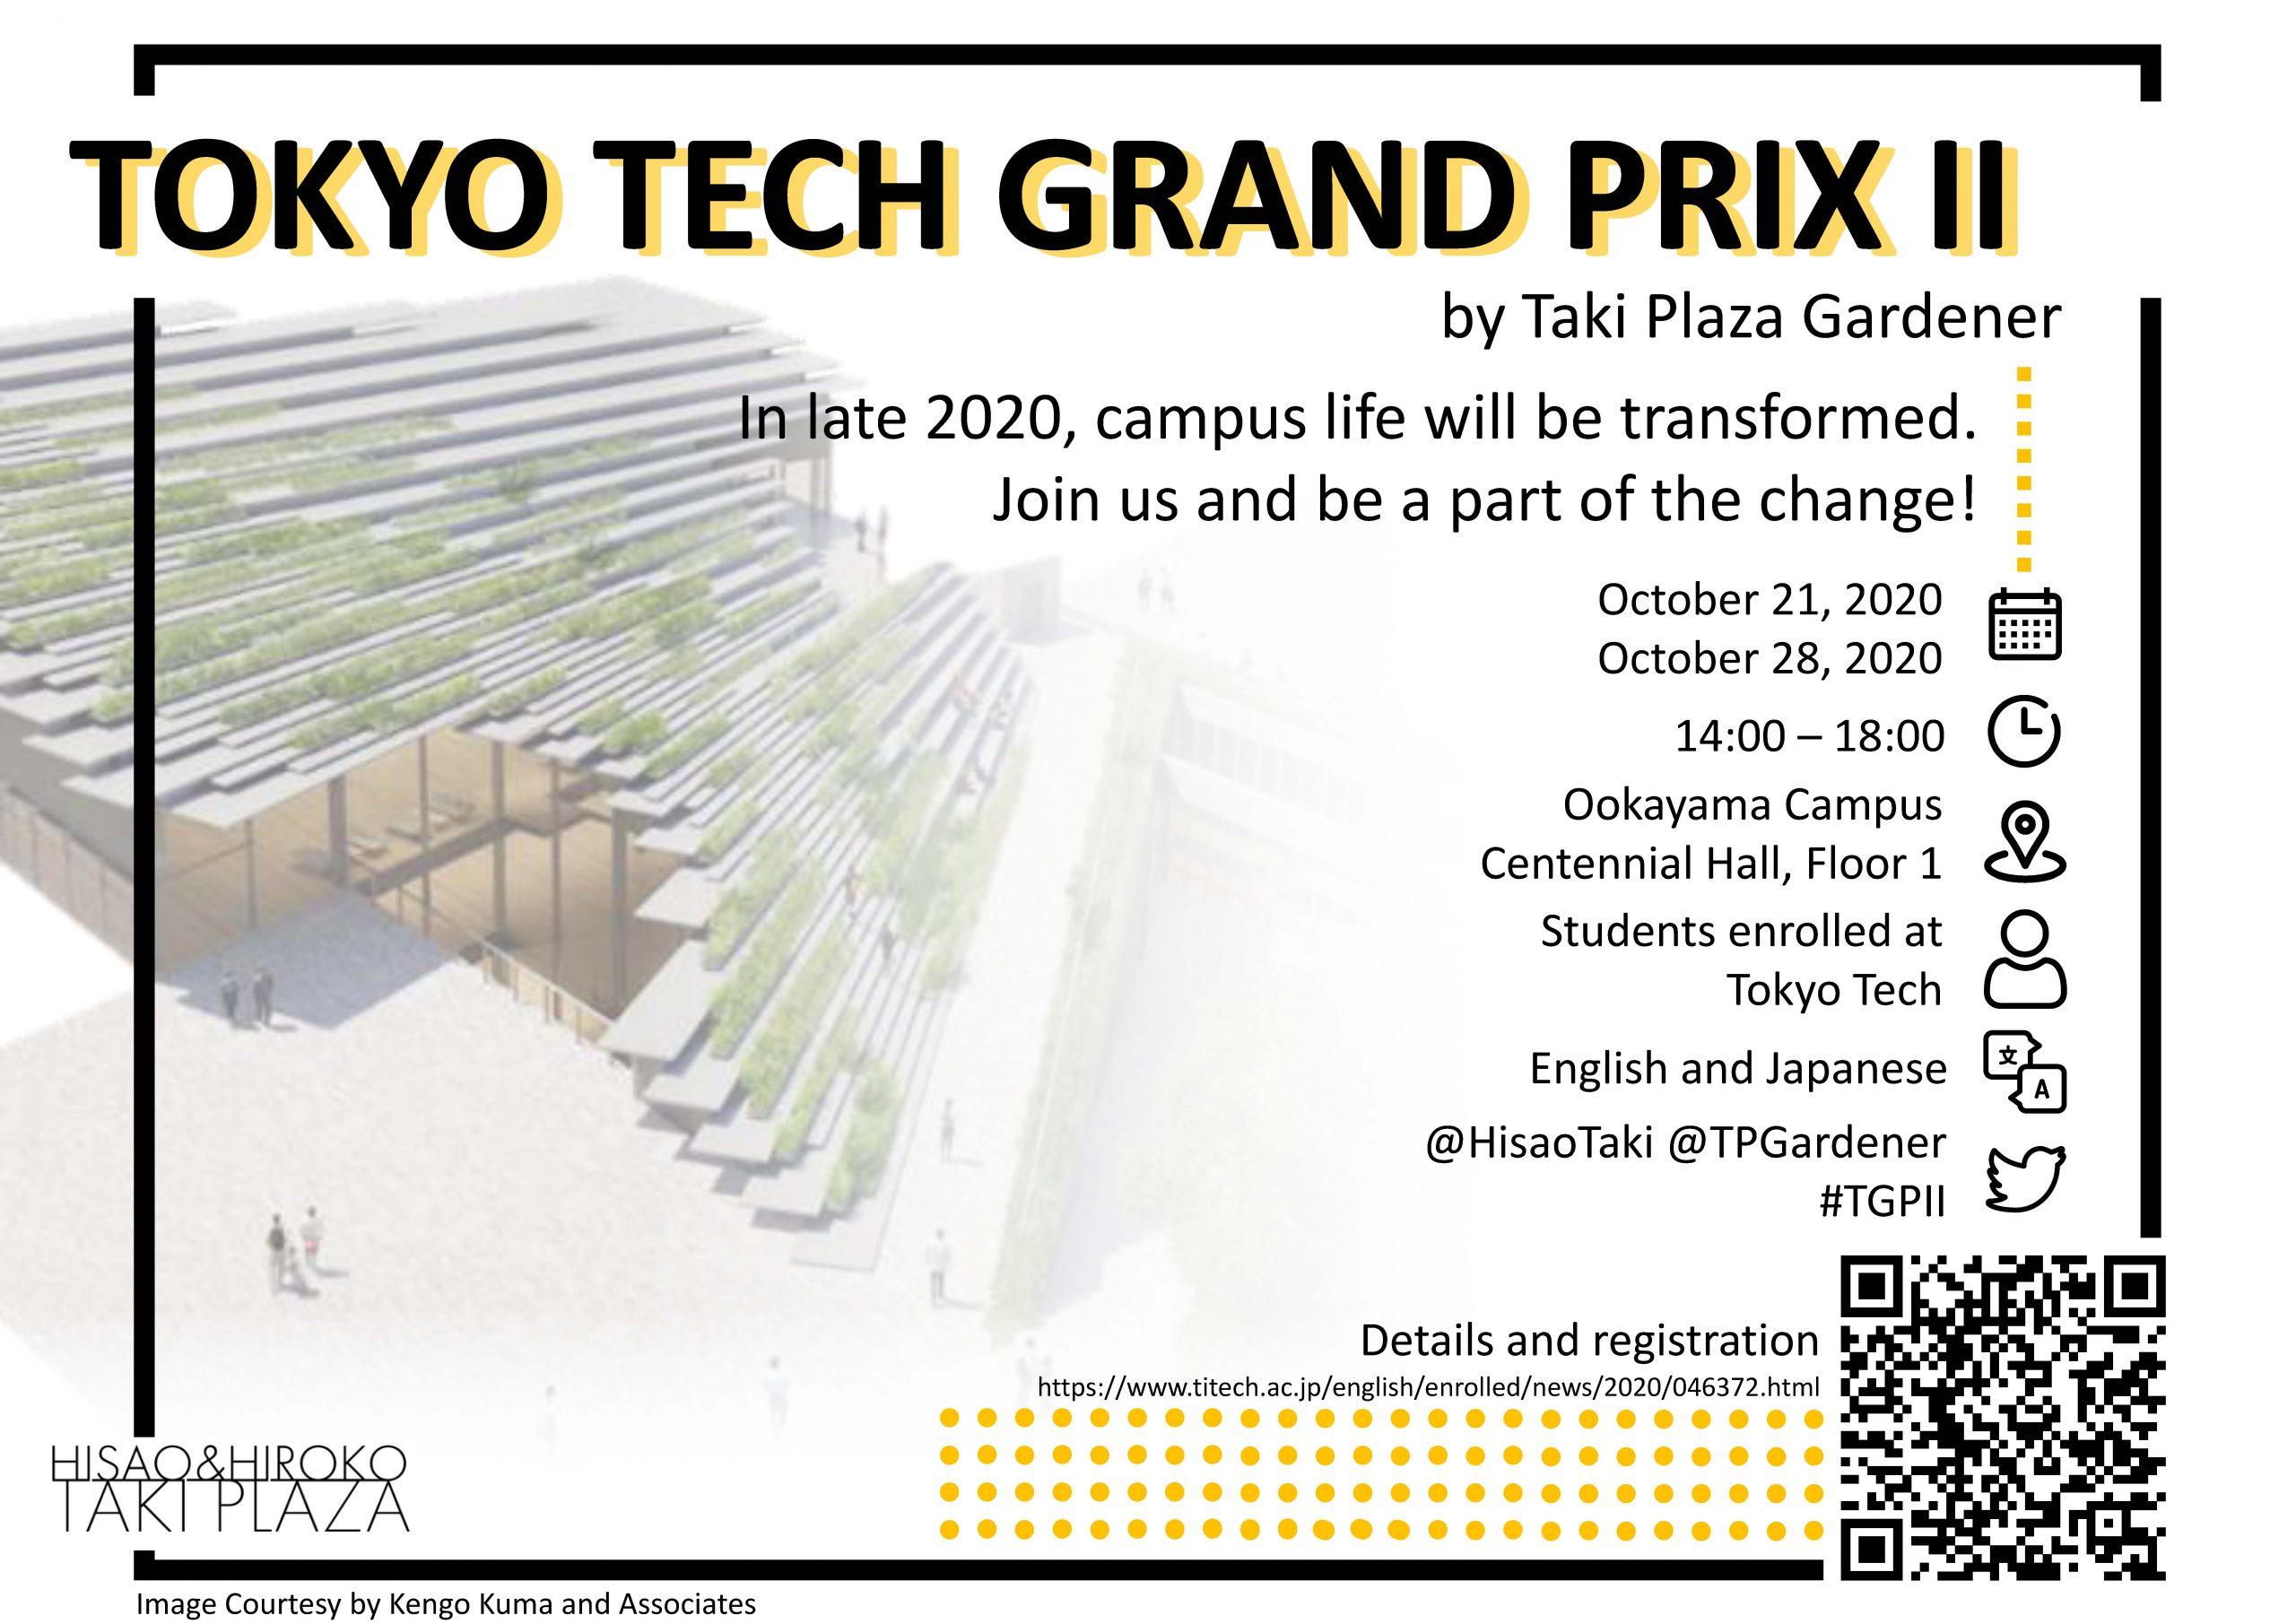 【参加者募集】Tokyo Tech Grand Prix II <2020/10/21(水), 2020/10/28(水)>